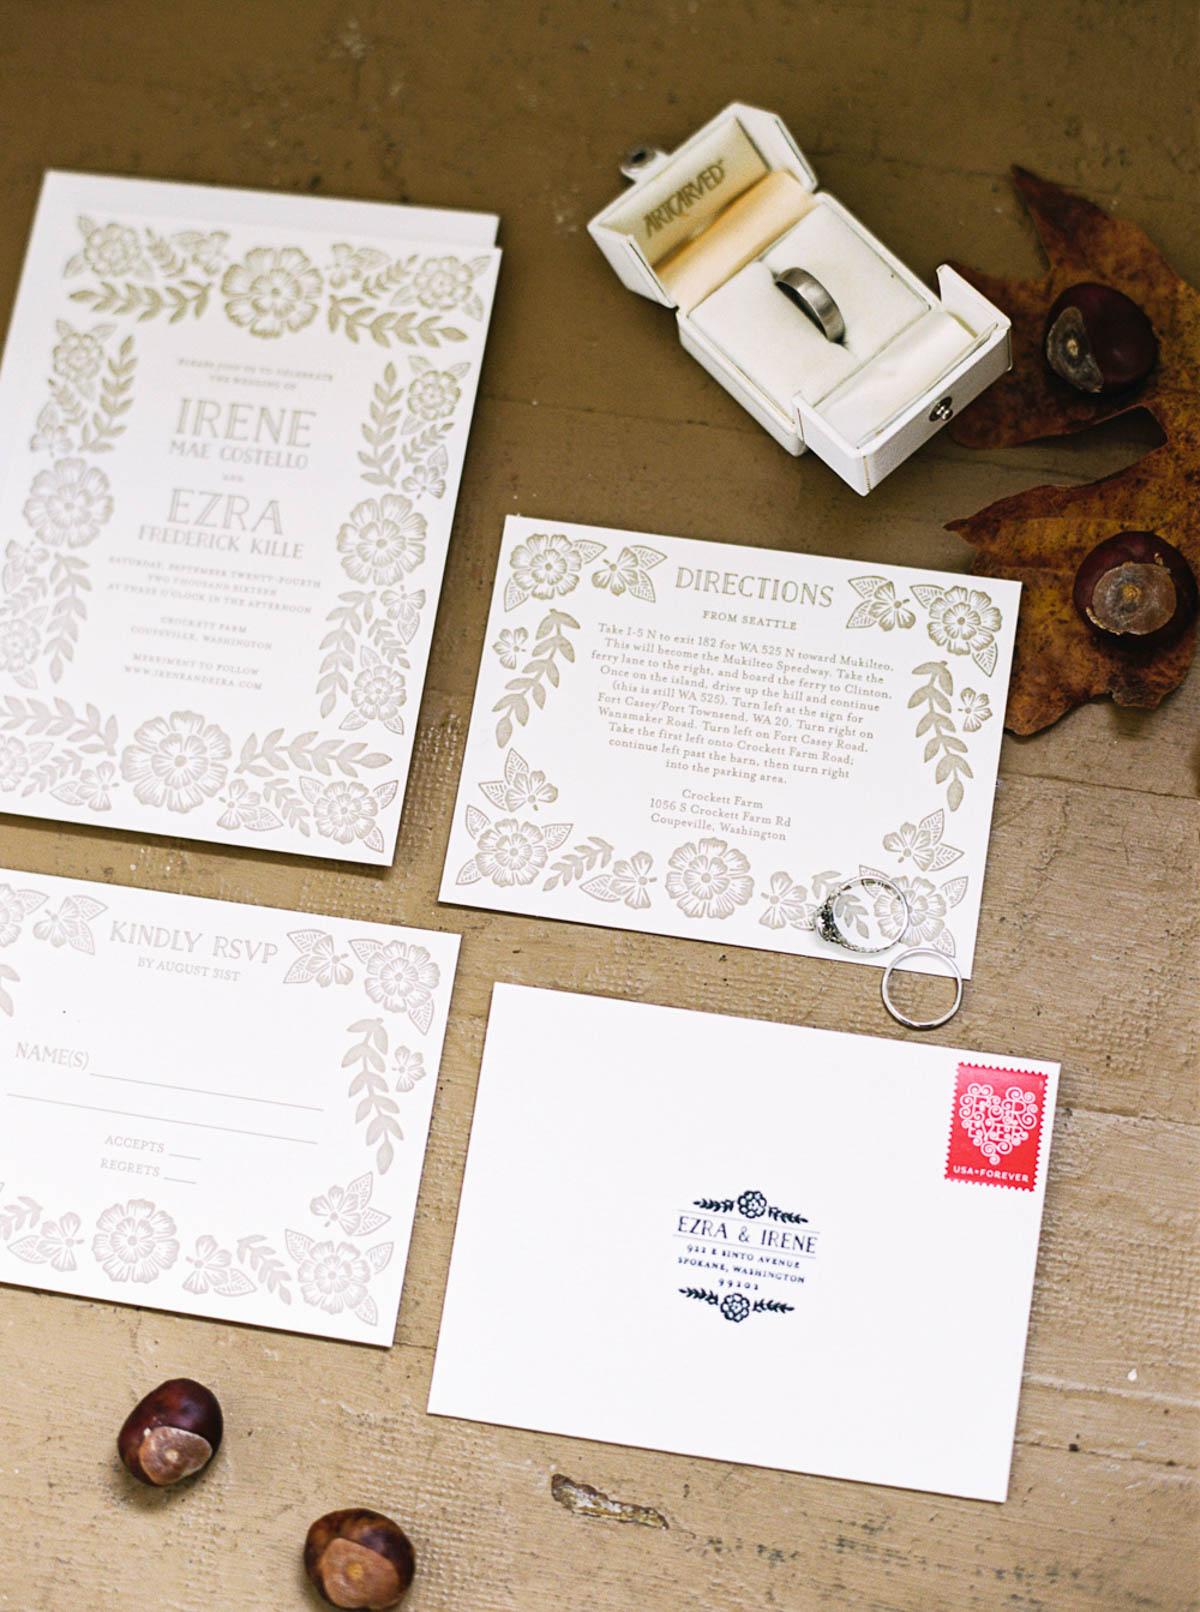 VIntage inspired wedding invitations at Crockett Farm